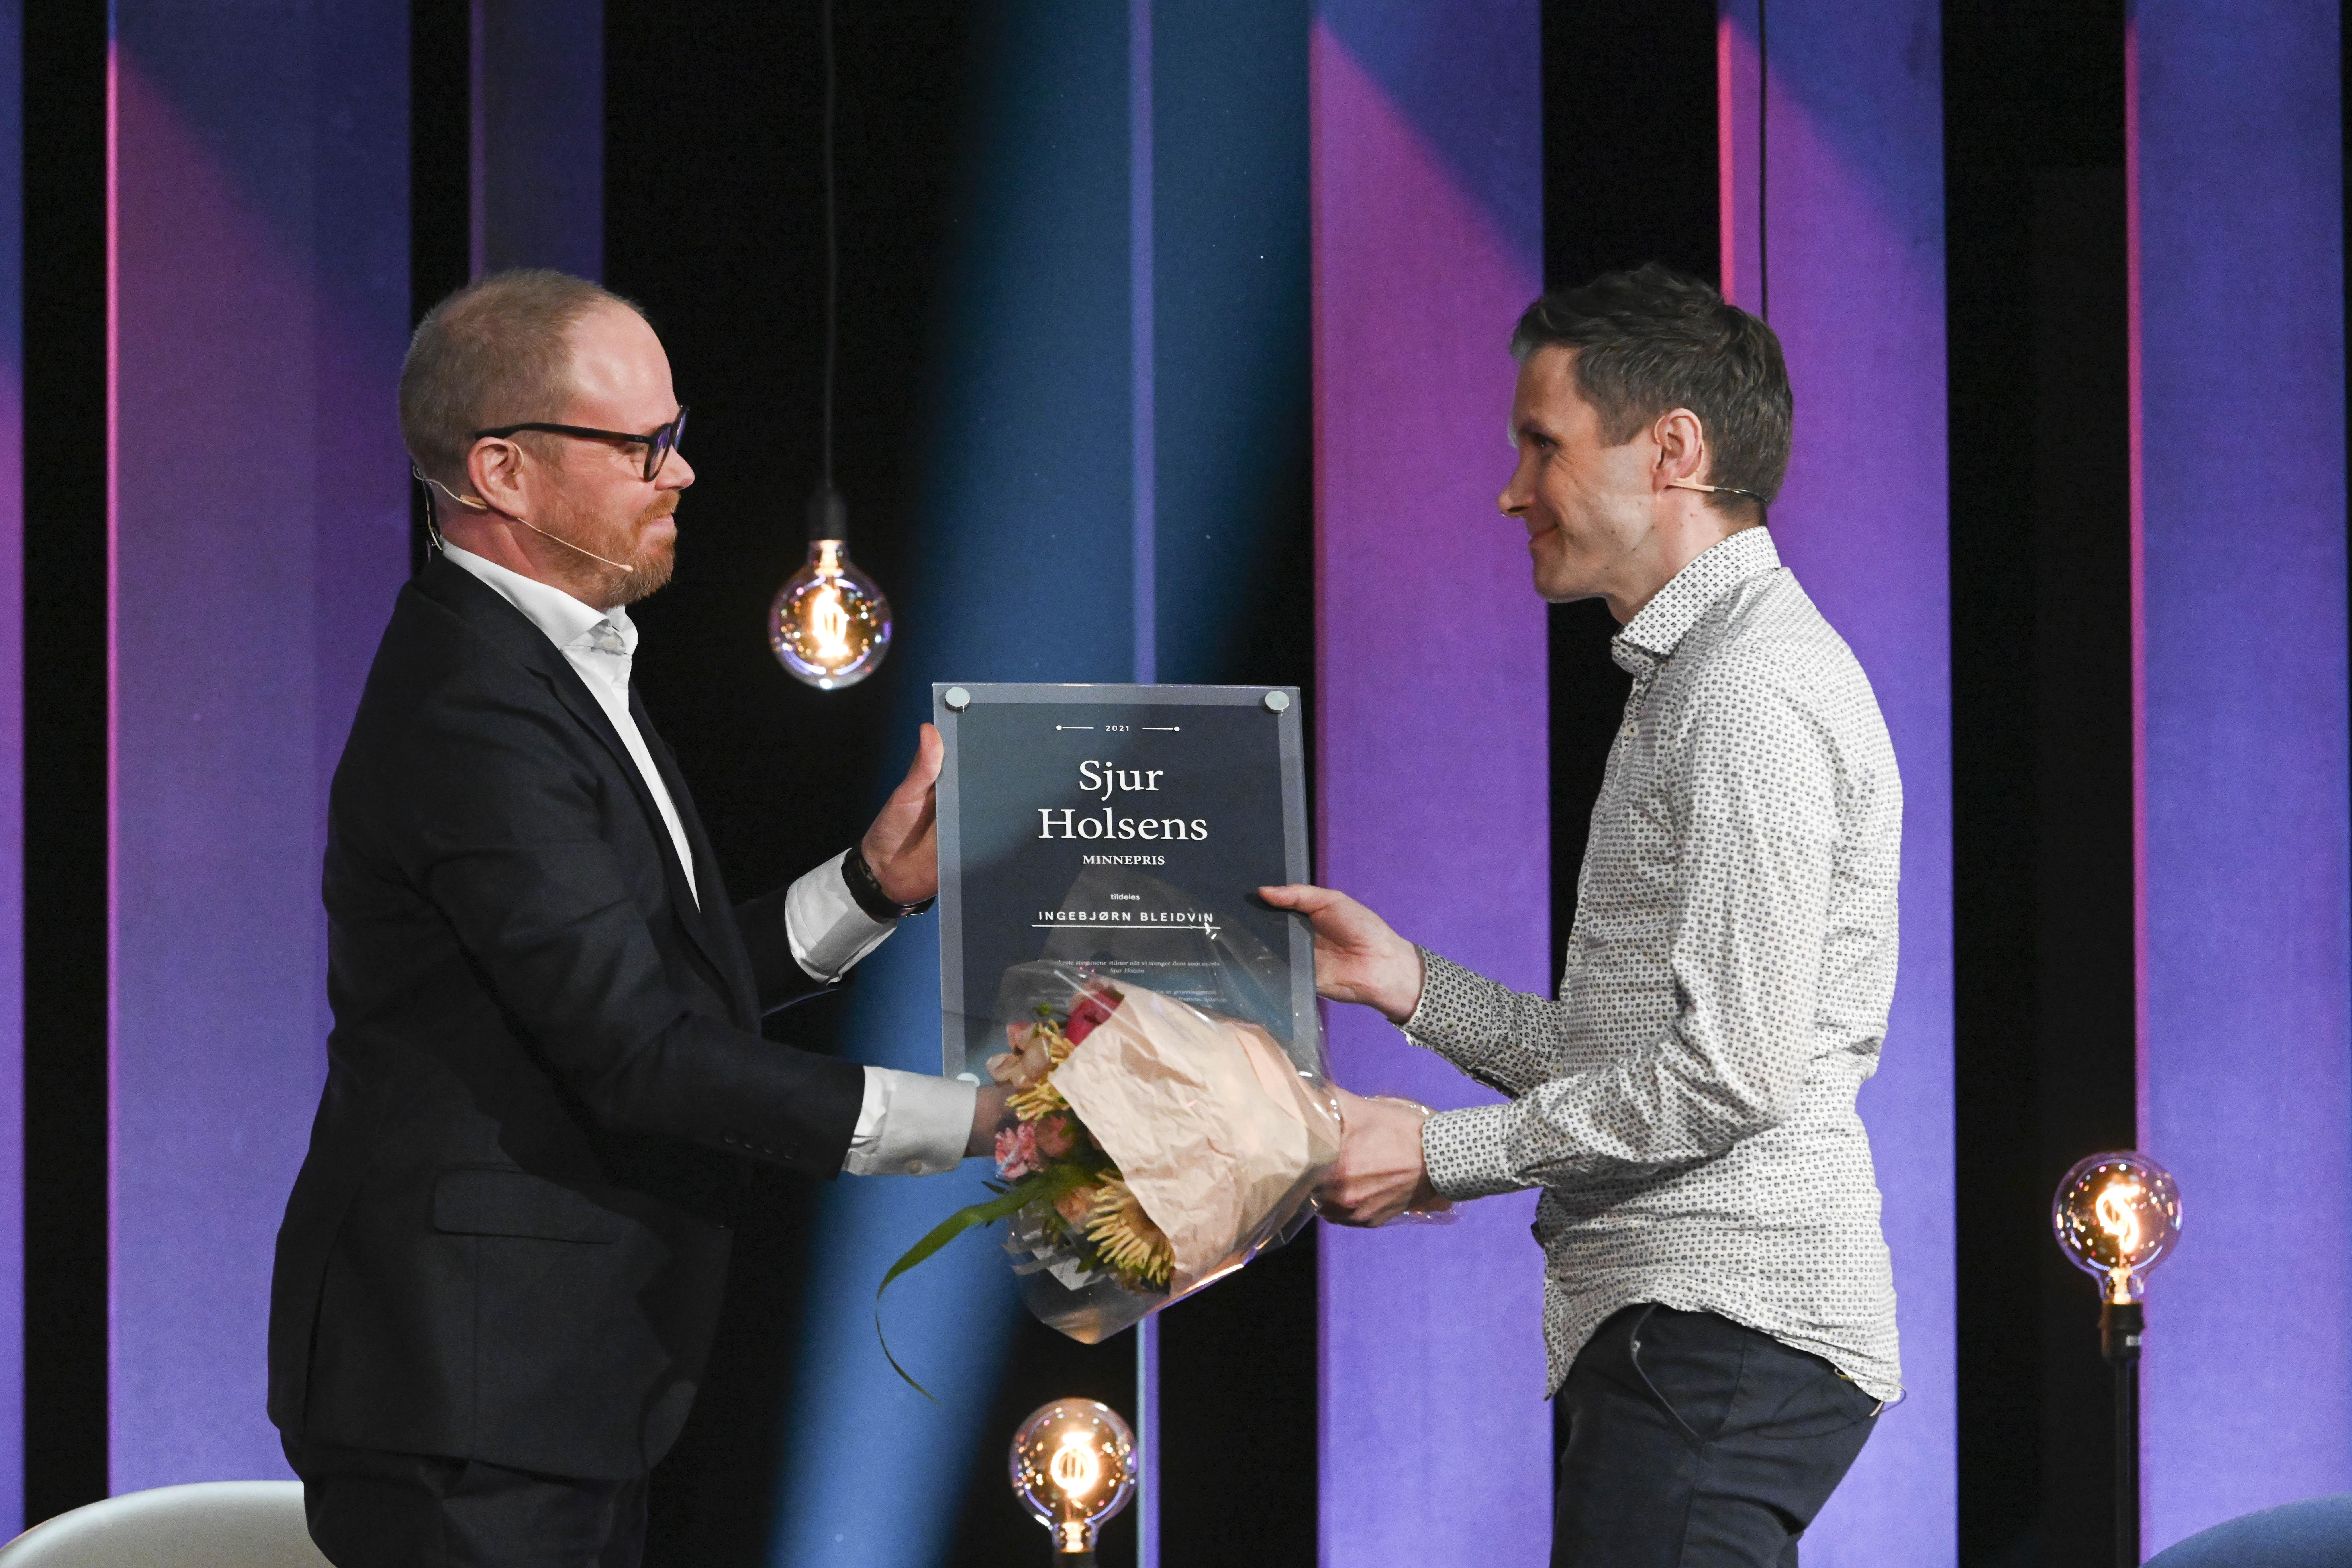 Gard Steiro deler ut Sjur Holsens minnepris til Ingebjørn Bleidvin.